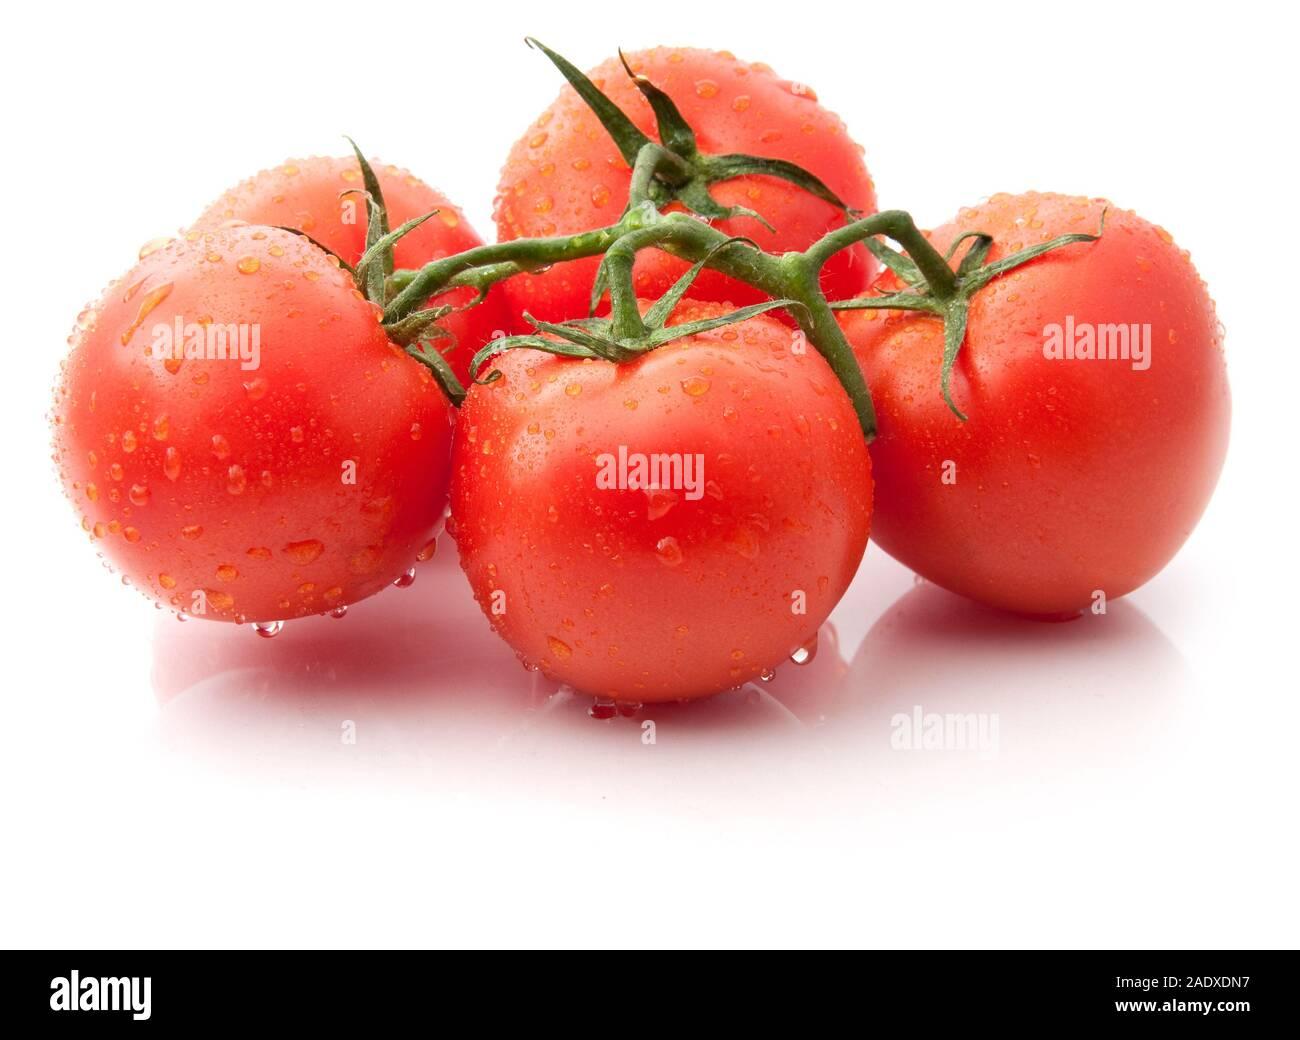 Rote reife Tomaten mit Wassertropfen auf weißem Hintergrund Stockfoto